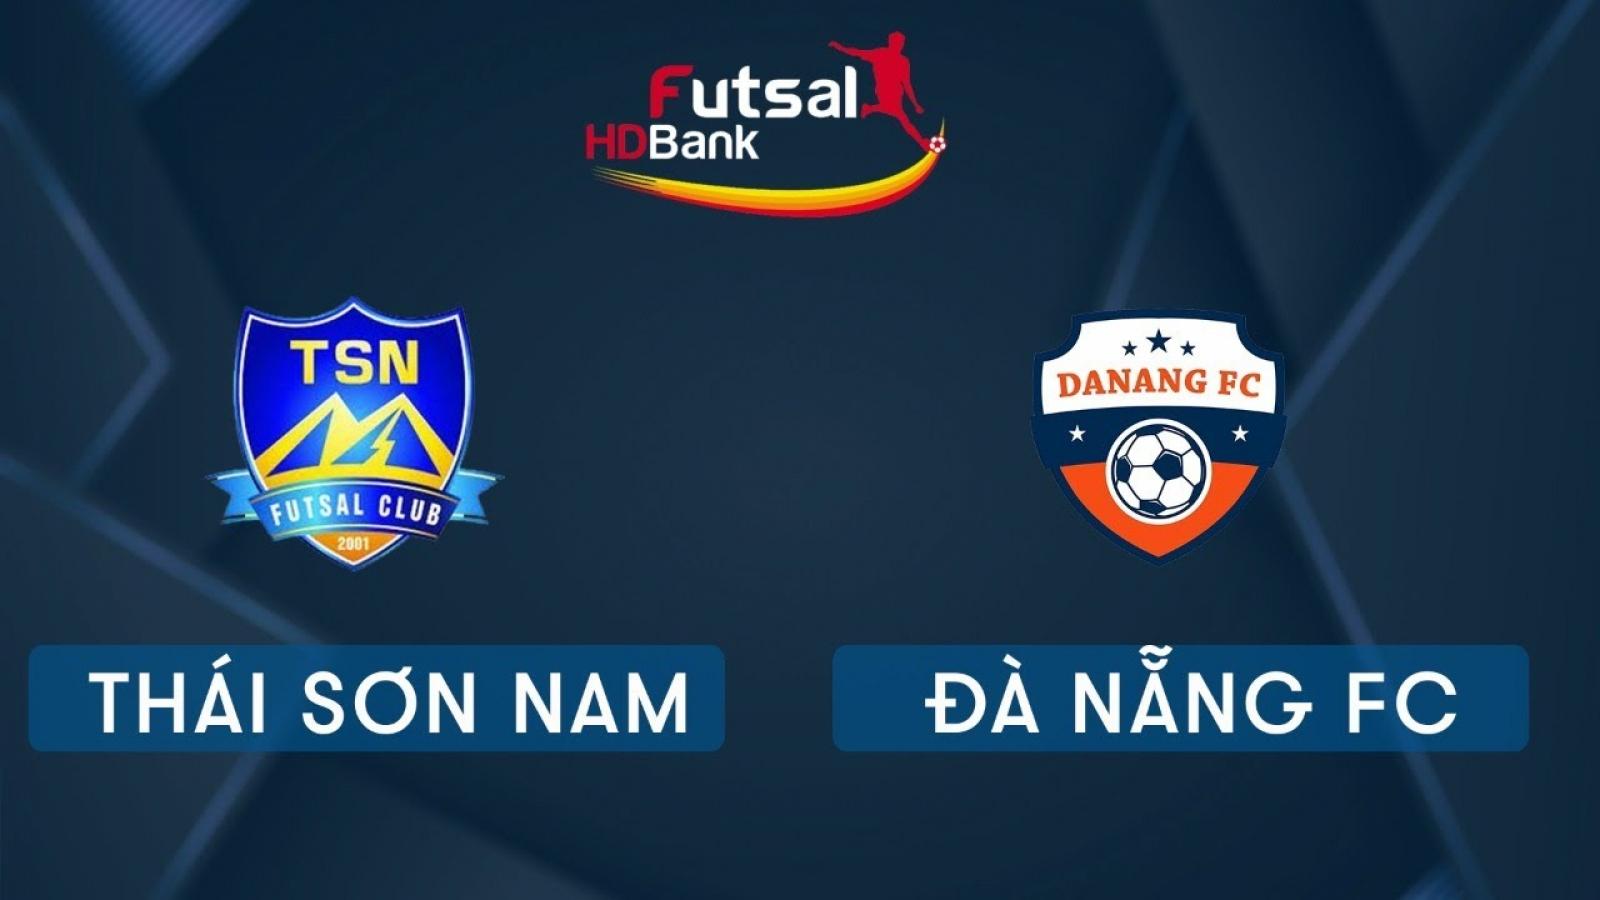 TRỰC TIẾP Thái Sơn Nam vs Đà Nẵng tại Giải Futsal HDBank 2020